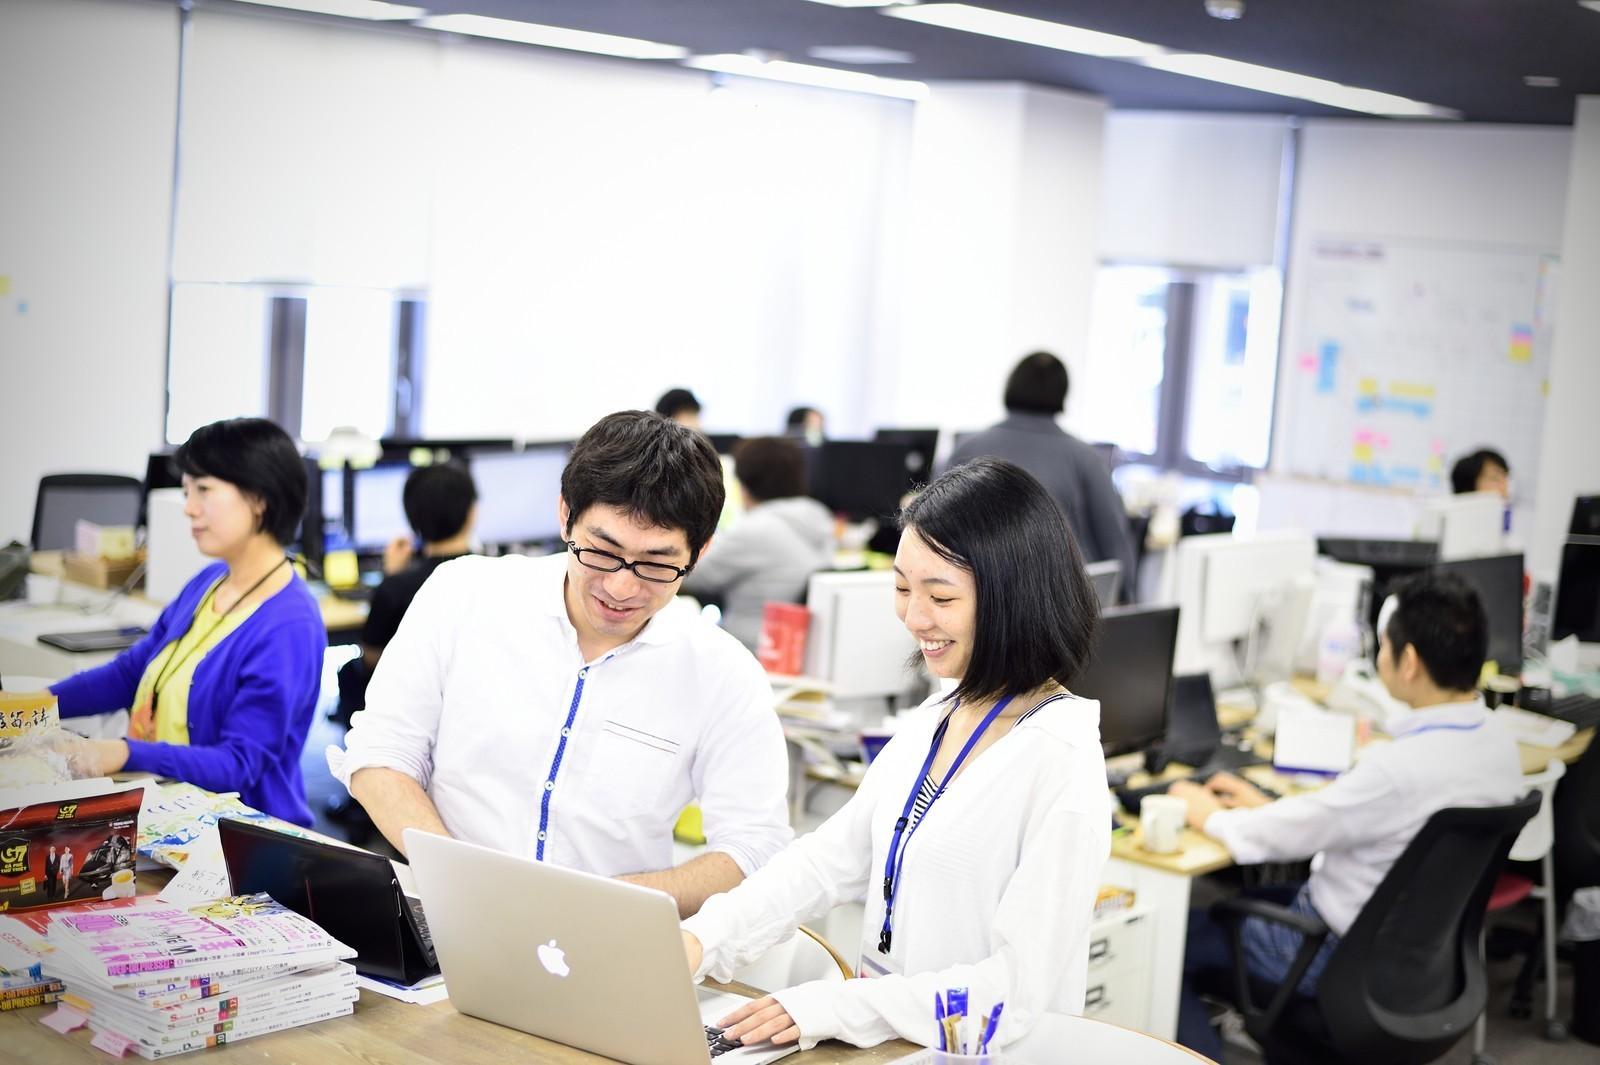 【リモートワーク可】スクラムで自社サービス開発に取り組むPHPエンジニアを募集!